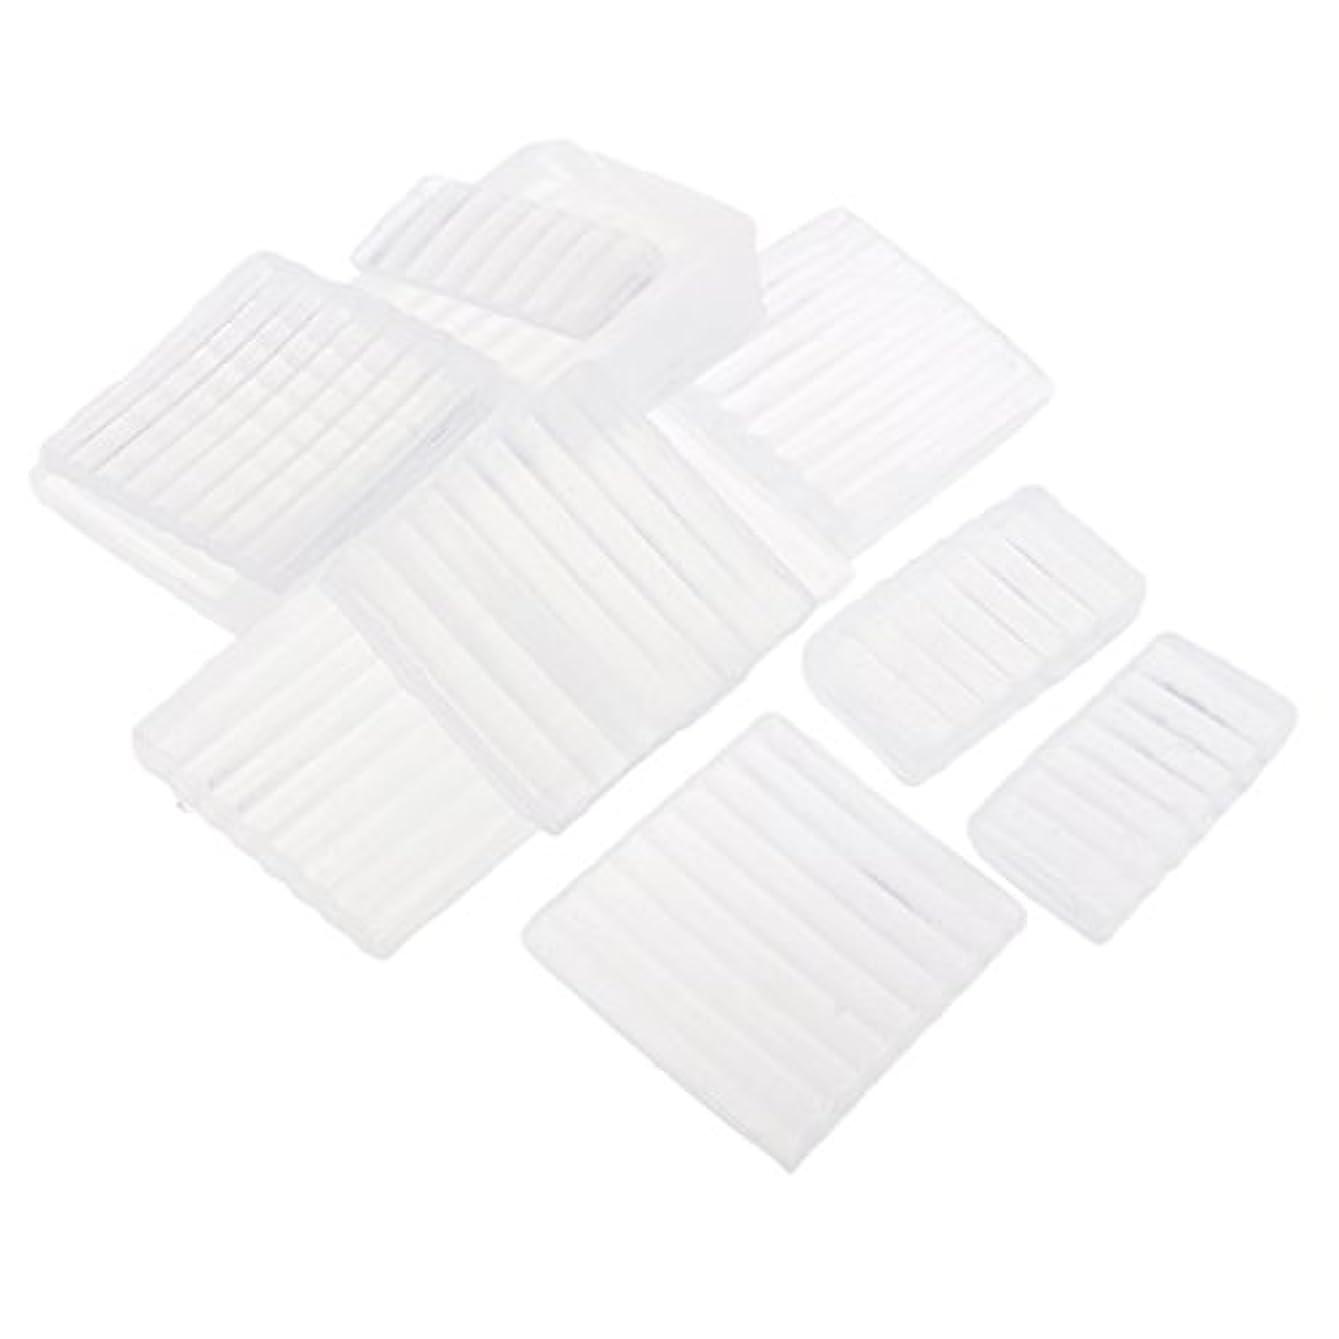 ブランチリブ便益ホワイト 透明 石鹸ベース DIY 手作り 石鹸 材料 約500g